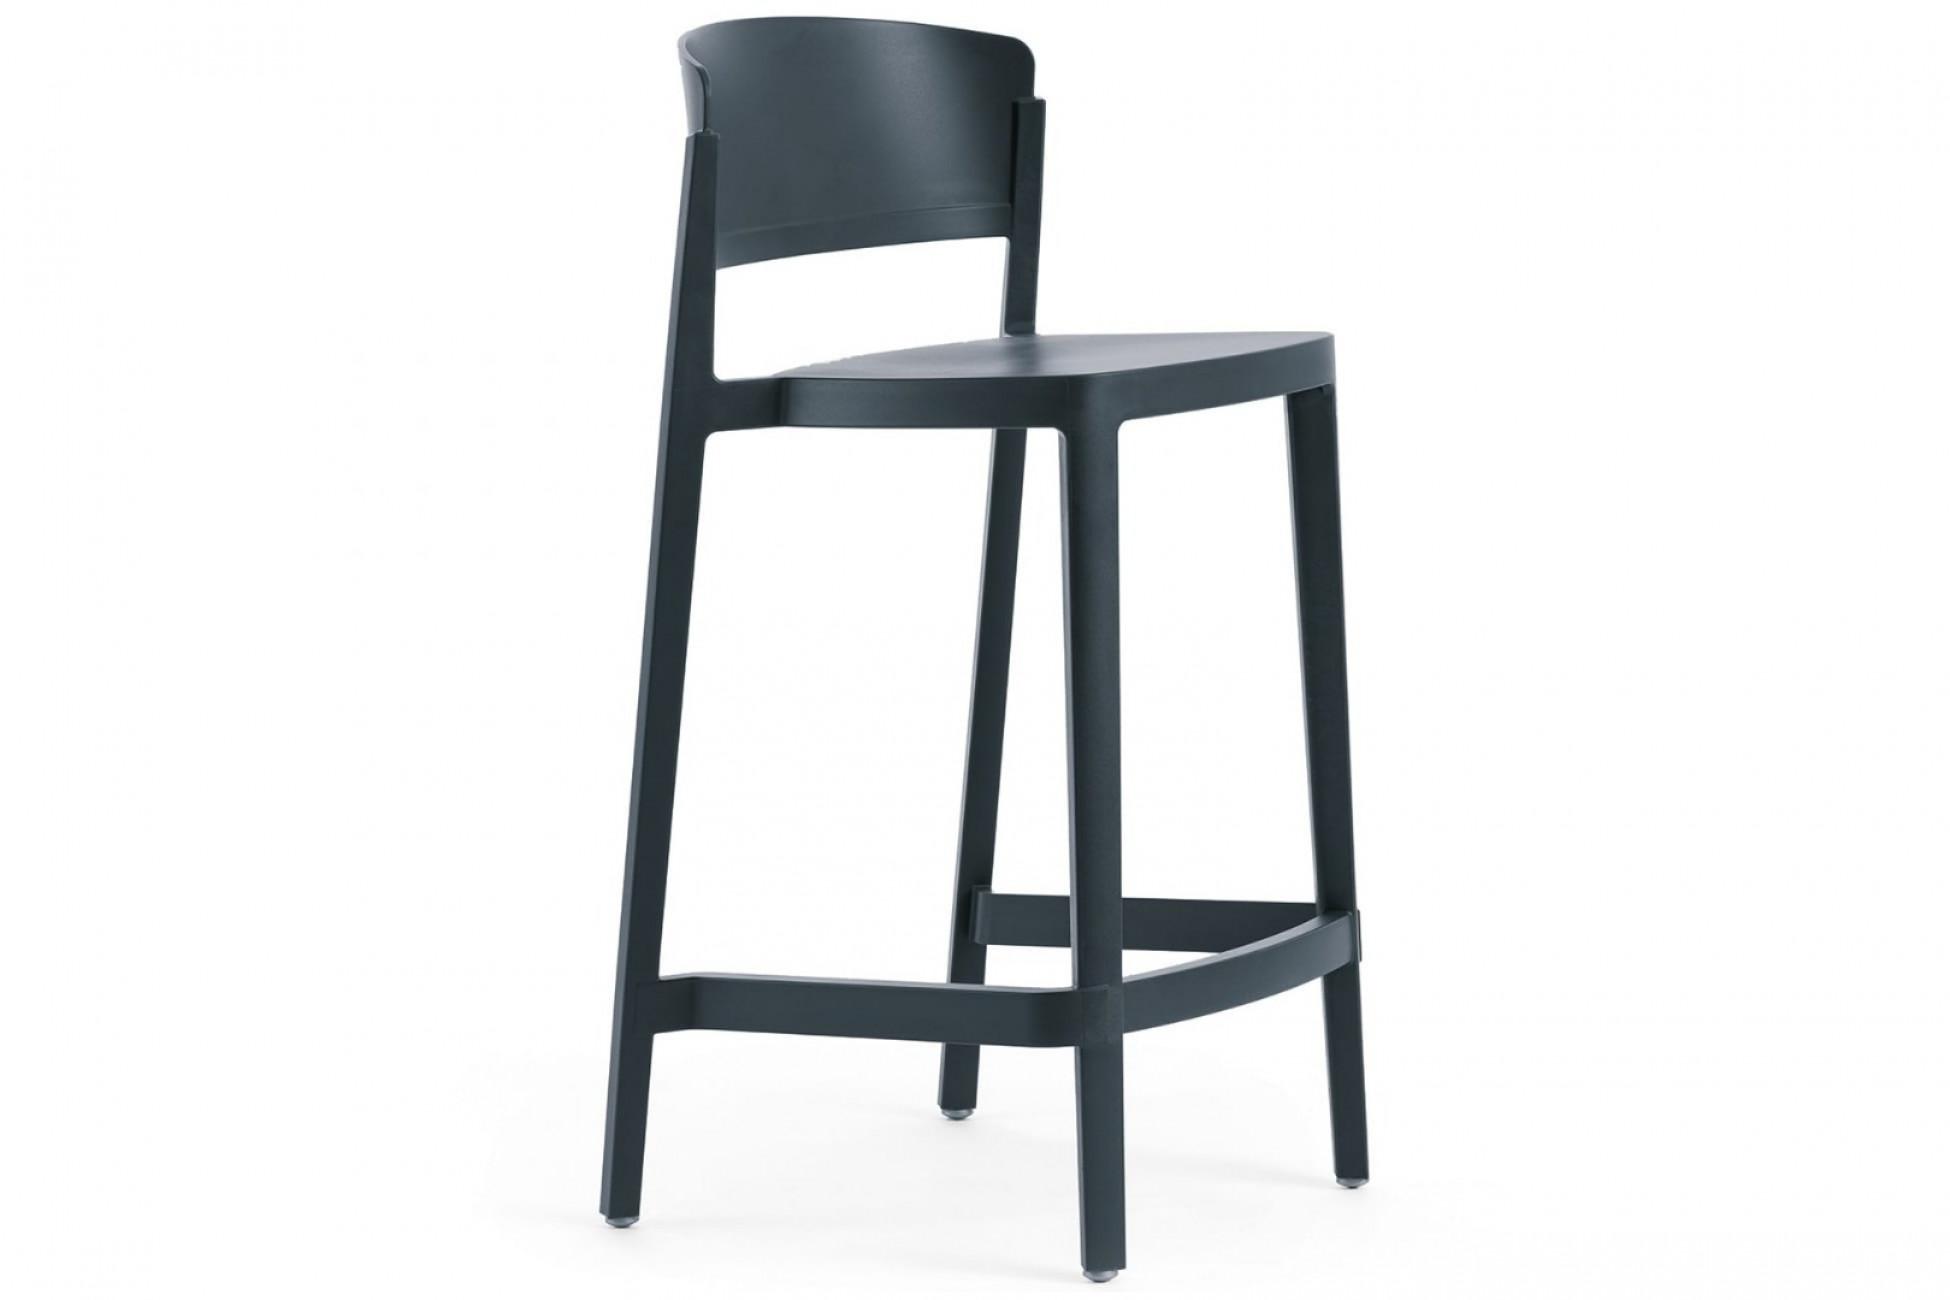 Итальянский стул Барный стул ARGO   Стул Барный стул ARGO ARREDO3